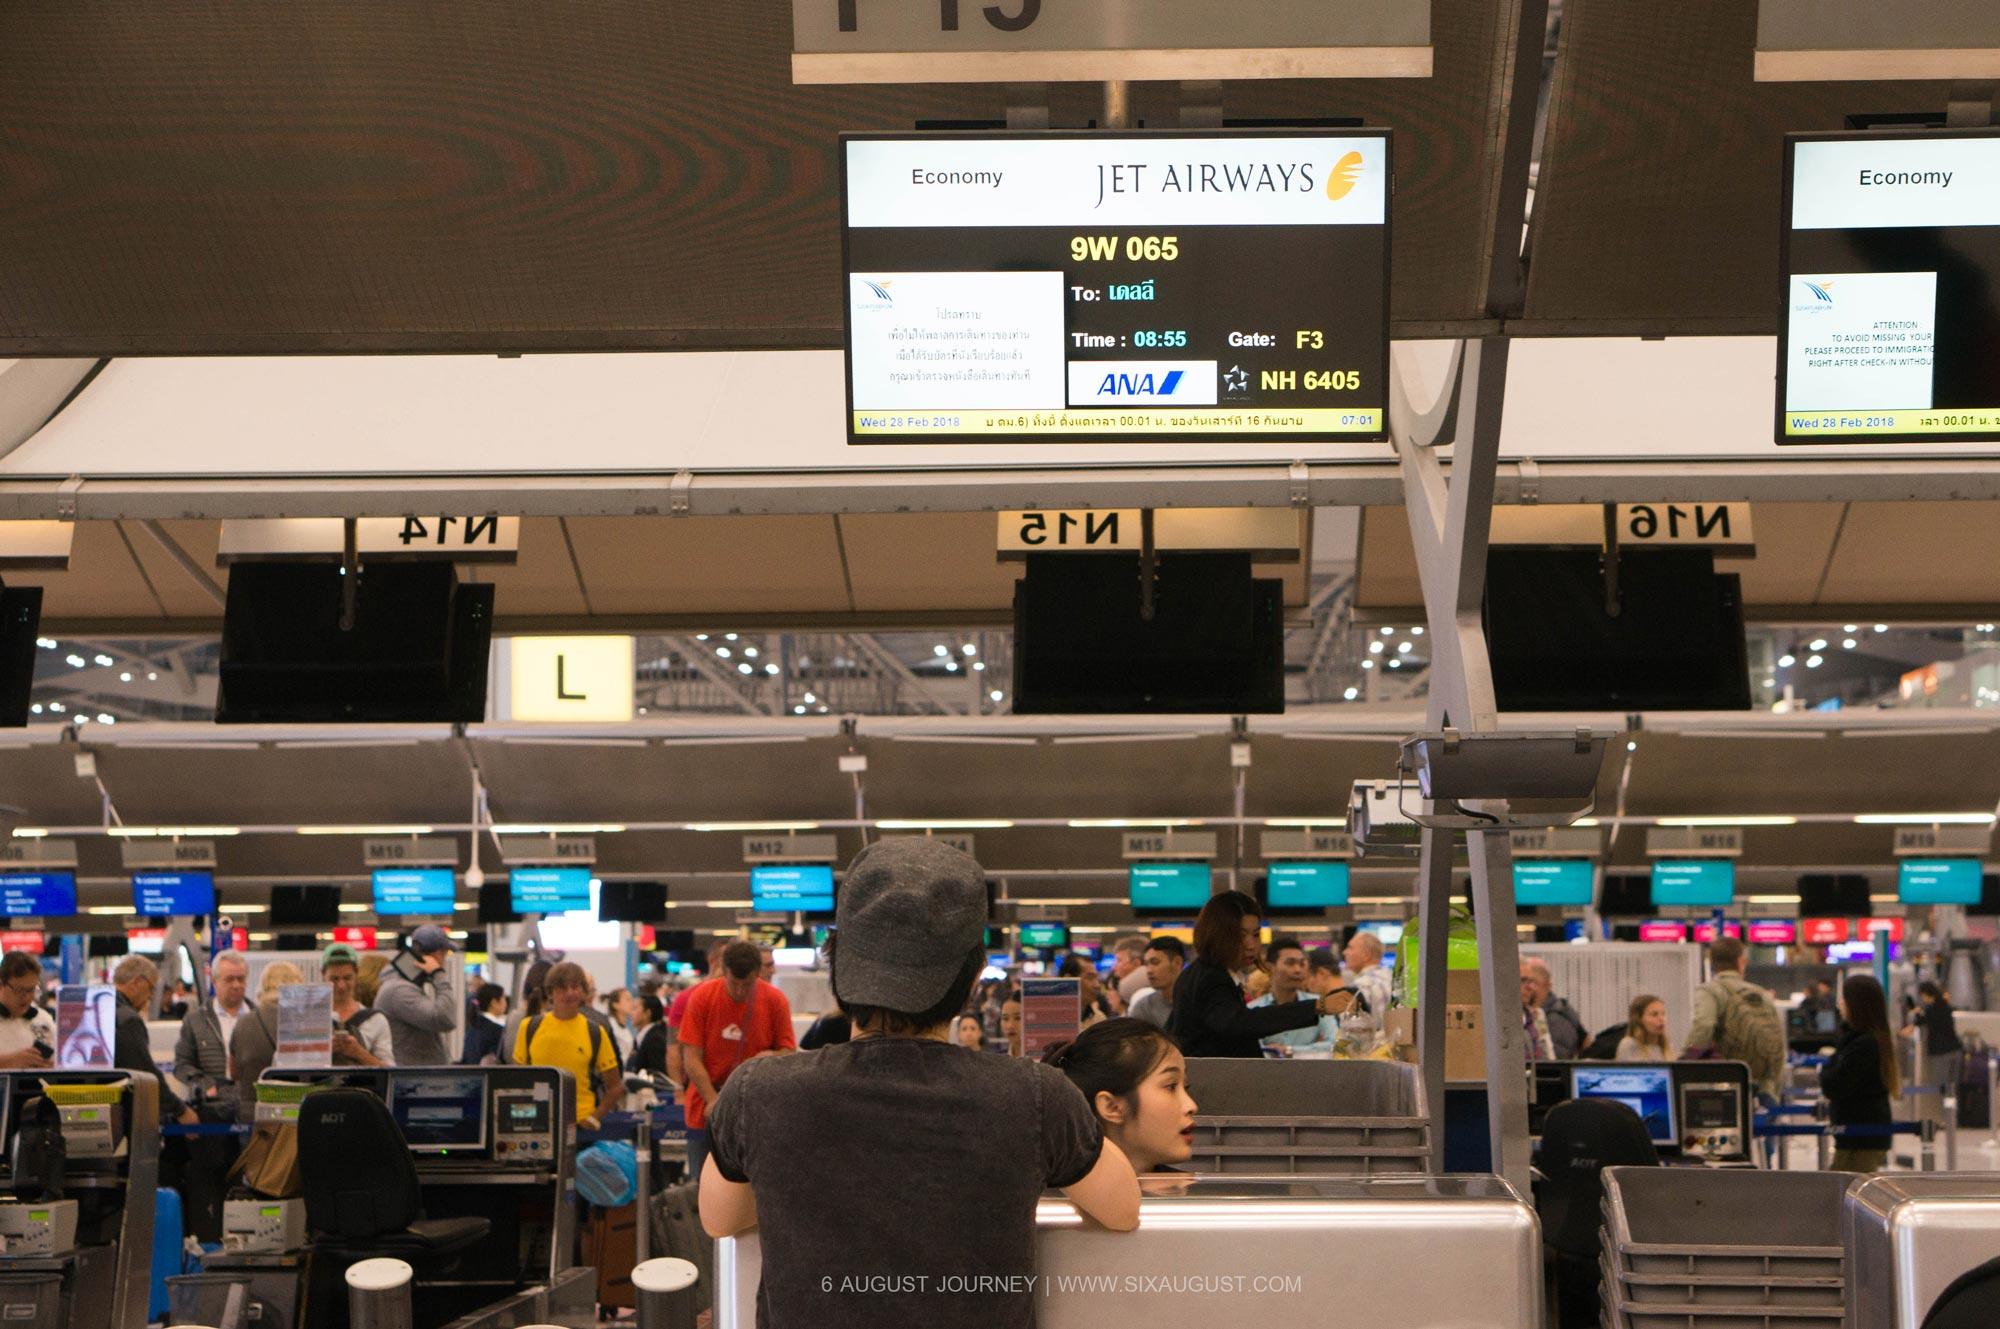 จุดเช็คอิน Jet Airways ที่สุวรรณภูมิ